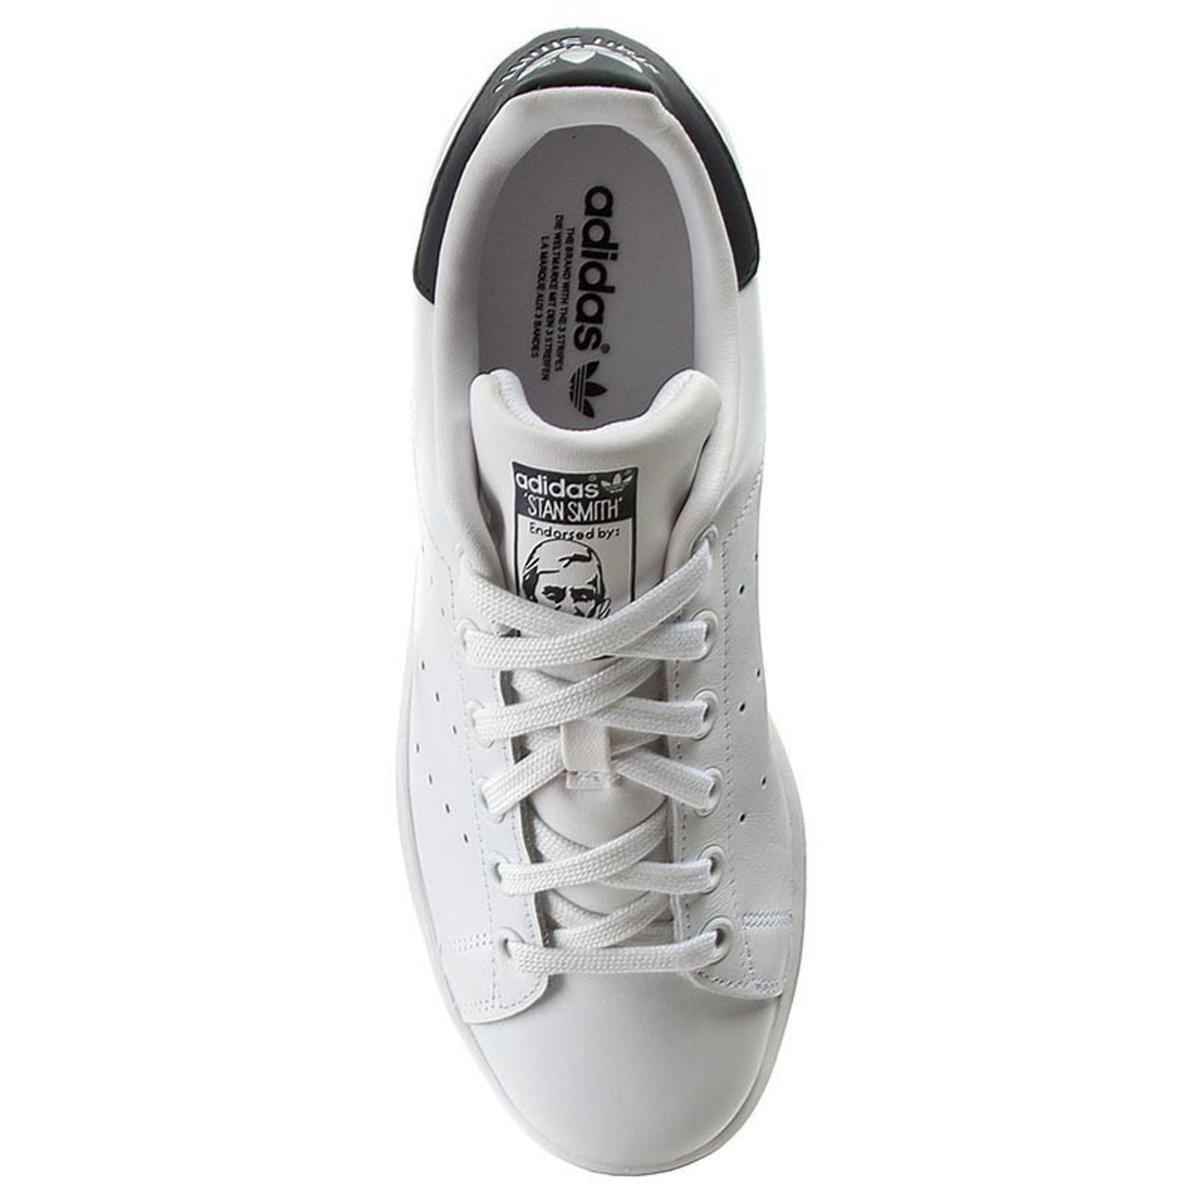 Scarpe Stan Smith Adidas da uomo bianco/blu rif.M20325